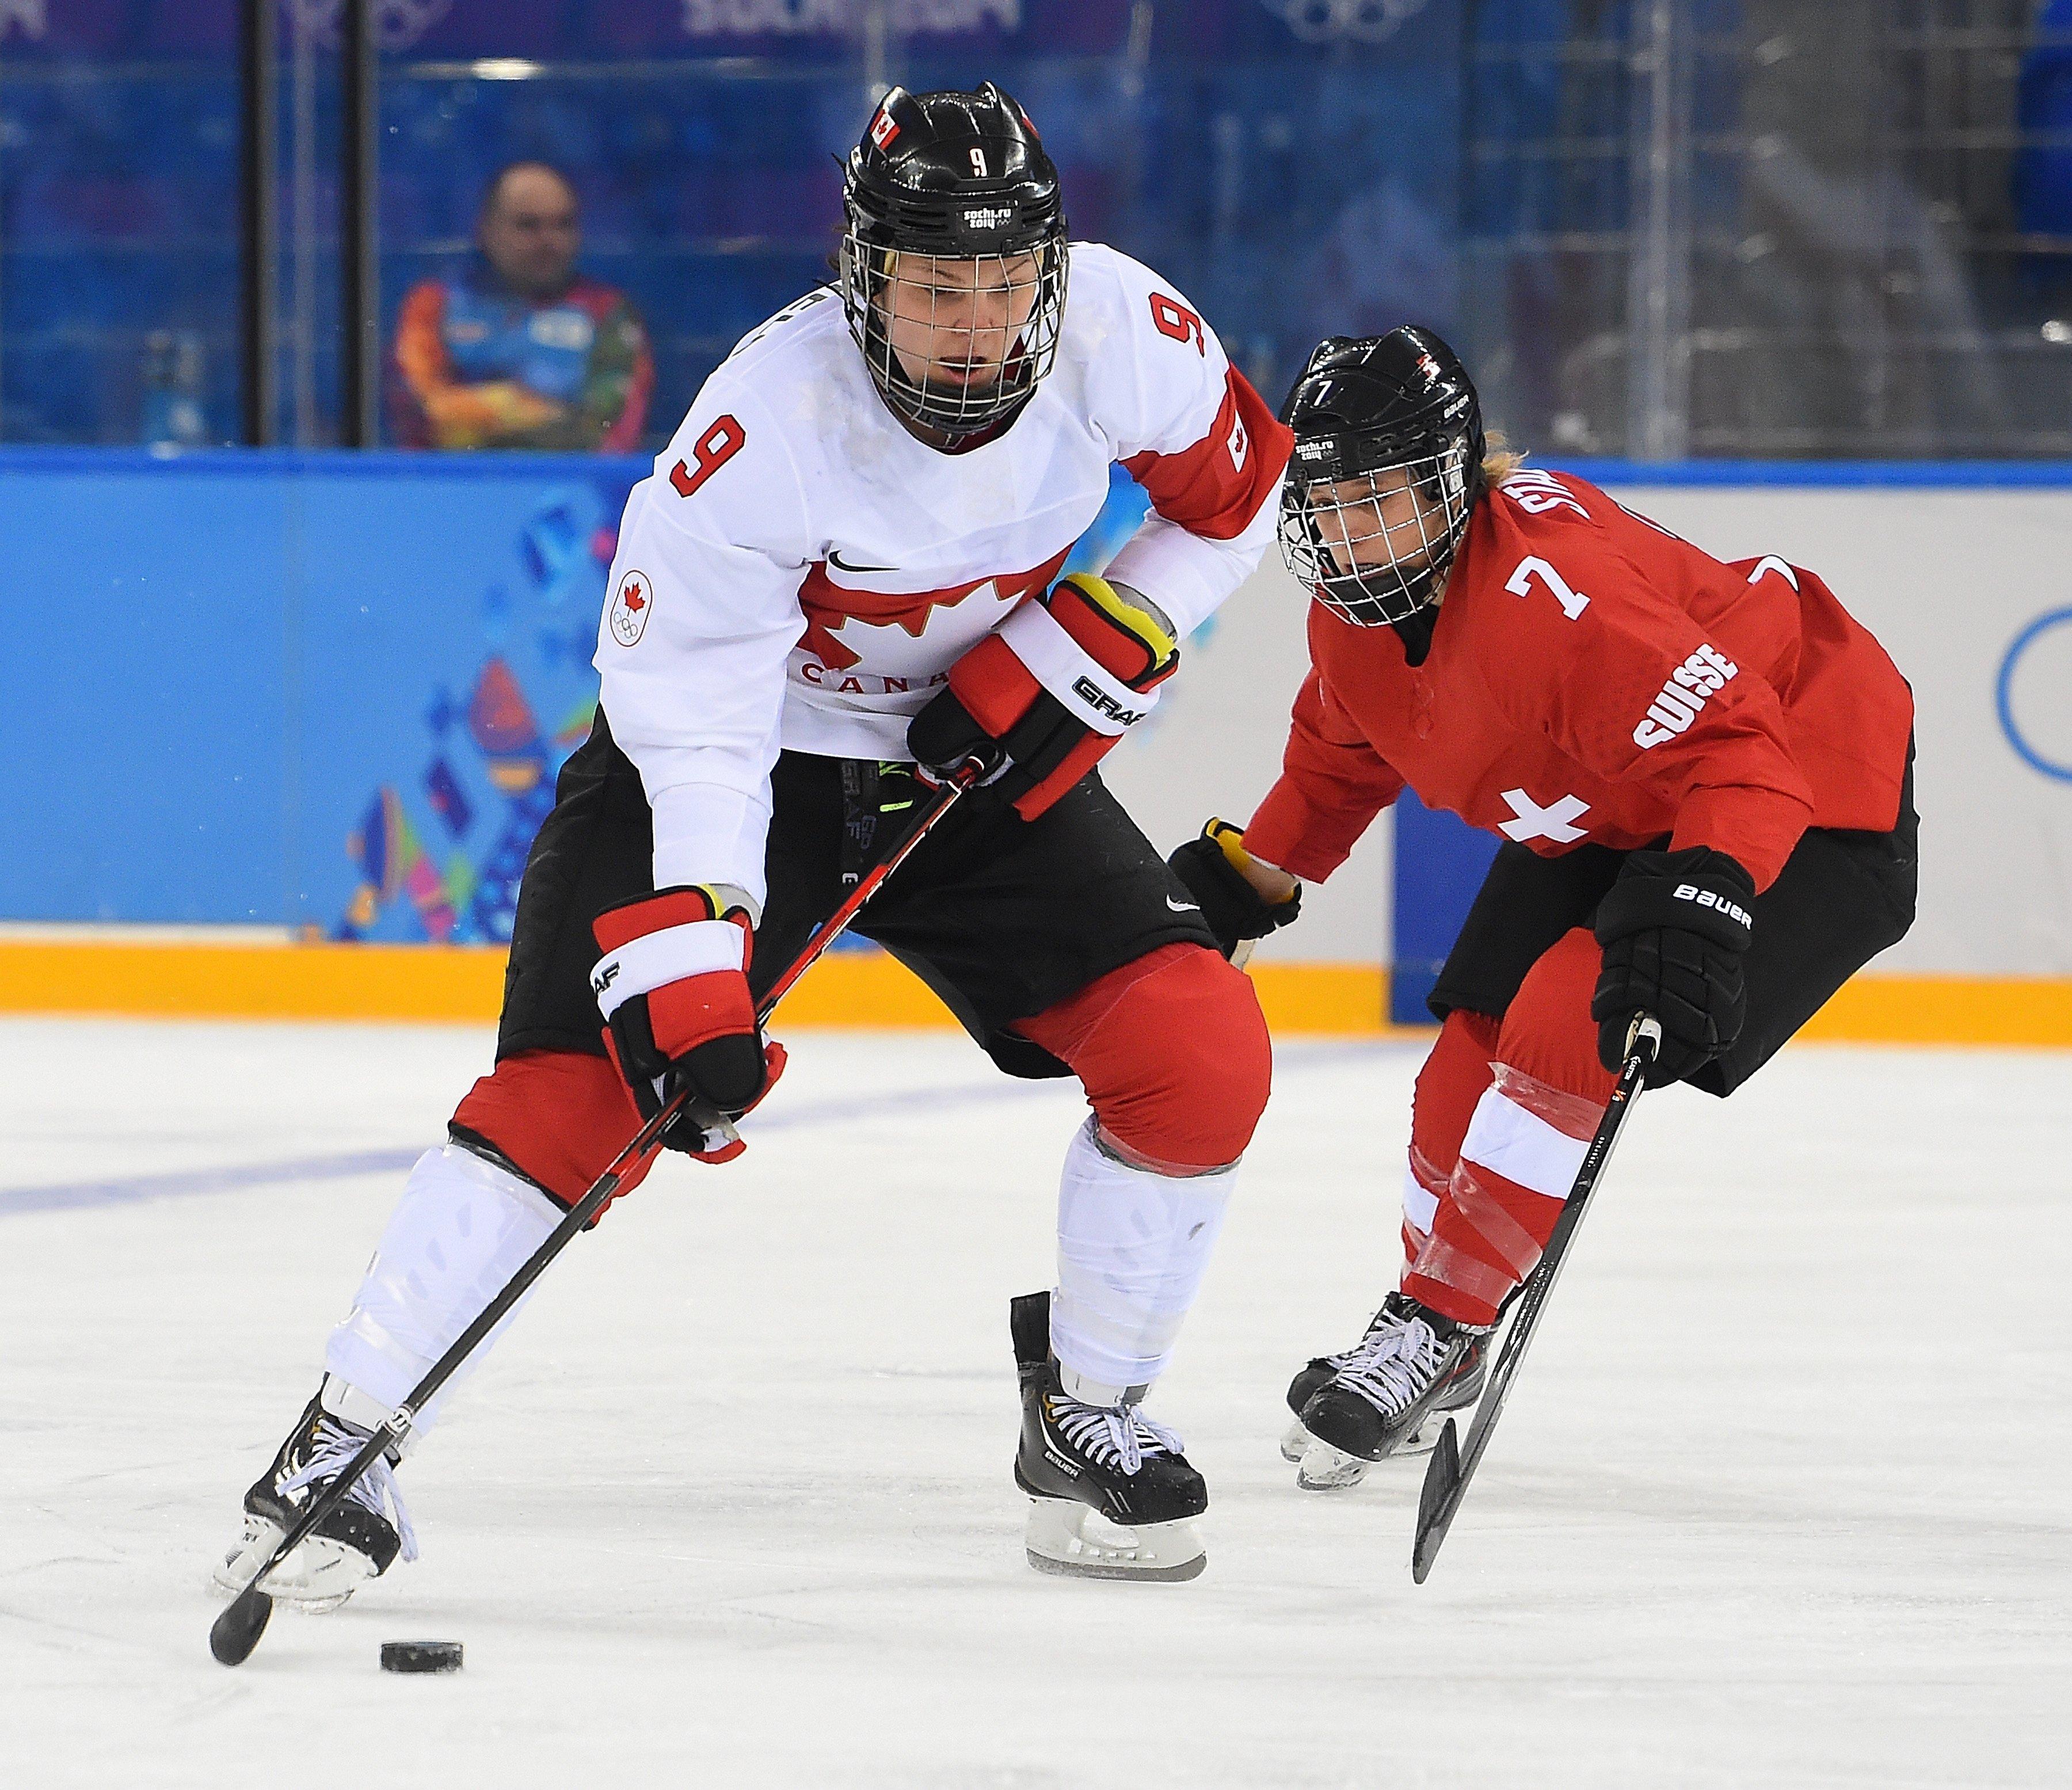 Switzerland vs. Canada Women's Ice Hockey